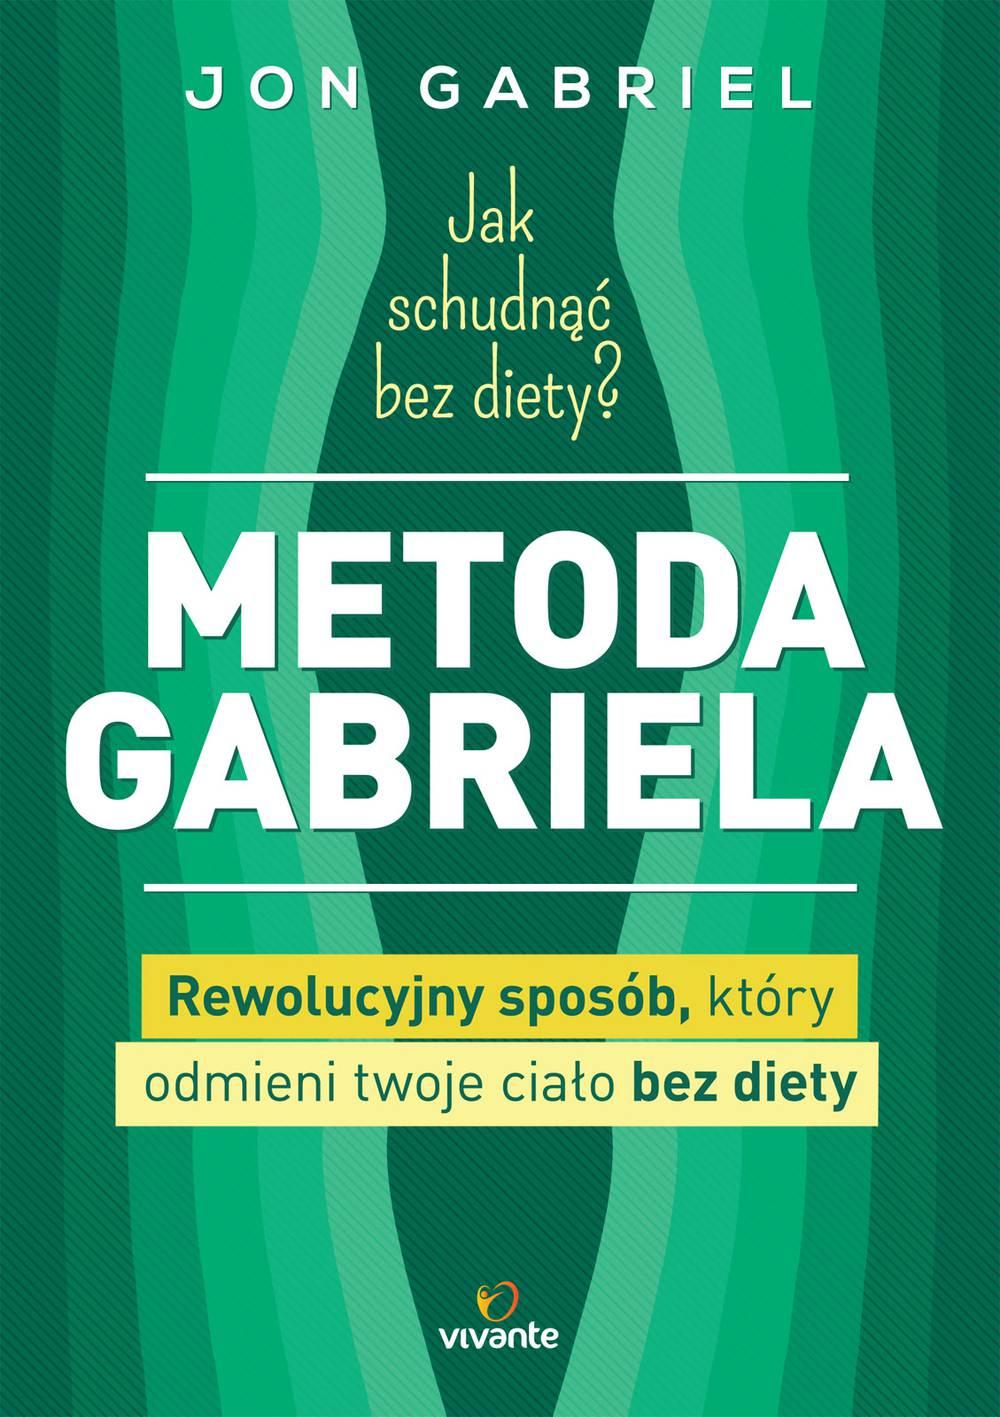 Jak schudnąć bez diety? Metoda Gabriela. Rewolucyjny sposób, który odmieni twoje ciało bez diety - Ebook (Książka na Kindle) do pobrania w formacie MOBI